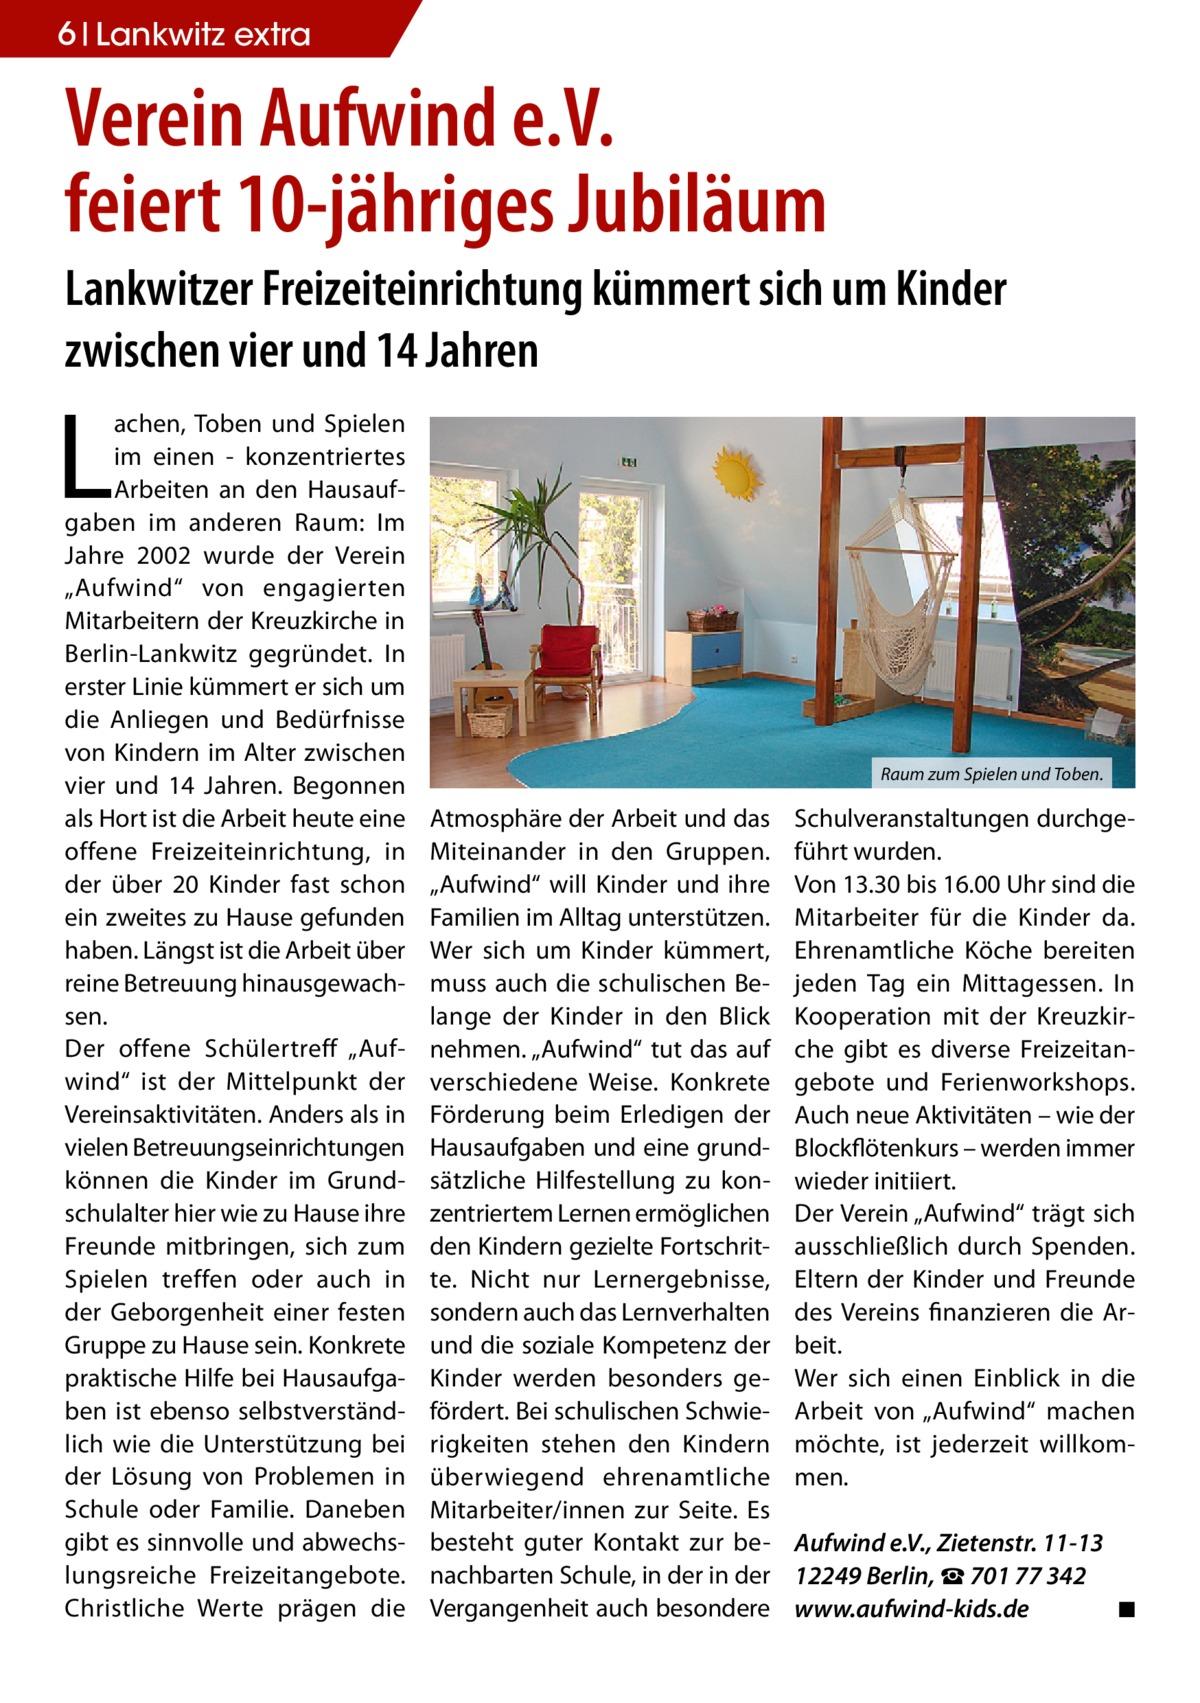 """6 Lankwitz Wohnen extra  Verein Aufwind e.V. feiert 10-jähriges Jubiläum Lankwitzer Freizeiteinrichtung kümmert sich um Kinder zwischen vier und 14 Jahren  L  achen, Toben und Spielen im einen - konzentriertes Arbeiten an den Hausaufgaben im anderen Raum: Im Jahre 2002 wurde der Verein """"Aufwind"""" von engagierten Mitarbeitern der Kreuzkirche in Berlin-Lankwitz gegründet. In erster Linie kümmert er sich um die Anliegen und Bedürfnisse von Kindern im Alter zwischen vier und 14 Jahren. Begonnen als Hort ist die Arbeit heute eine offene Freizeiteinrichtung, in der über 20 Kinder fast schon ein zweites zu Hause gefunden haben. Längst ist die Arbeit über reine Betreuung hinausgewachsen. Der offene Schülertreff """"Aufwind"""" ist der Mittelpunkt der Vereinsaktivitäten. Anders als in vielen Betreuungseinrichtungen können die Kinder im Grundschulalter hier wie zu Hause ihre Freunde mitbringen, sich zum Spielen treffen oder auch in der Geborgenheit einer festen Gruppe zu Hause sein. Konkrete praktische Hilfe bei Hausaufgaben ist ebenso selbstverständlich wie die Unterstützung bei der Lösung von Problemen in Schule oder Familie. Daneben gibt es sinnvolle und abwechslungsreiche Freizeitangebote. Christliche Werte prägen die  Raum zum Spielen und Toben.  Atmosphäre der Arbeit und das Miteinander in den Gruppen. """"Aufwind"""" will Kinder und ihre Familien im Alltag unterstützen. Wer sich um Kinder kümmert, muss auch die schulischen Belange der Kinder in den Blick nehmen. """"Aufwind"""" tut das auf verschiedene Weise. Konkrete Förderung beim Erledigen der Hausaufgaben und eine grundsätzliche Hilfestellung zu konzentriertem Lernen ermöglichen den Kindern gezielte Fortschritte. Nicht nur Lernergebnisse, sondern auch das Lernverhalten und die soziale Kompetenz der Kinder werden besonders gefördert. Bei schulischen Schwierigkeiten stehen den Kindern überwiegend ehrenamtliche Mitarbeiter/innen zur Seite. Es besteht guter Kontakt zur benachbarten Schule, in der in der Vergangenheit auch besondere  Schu"""